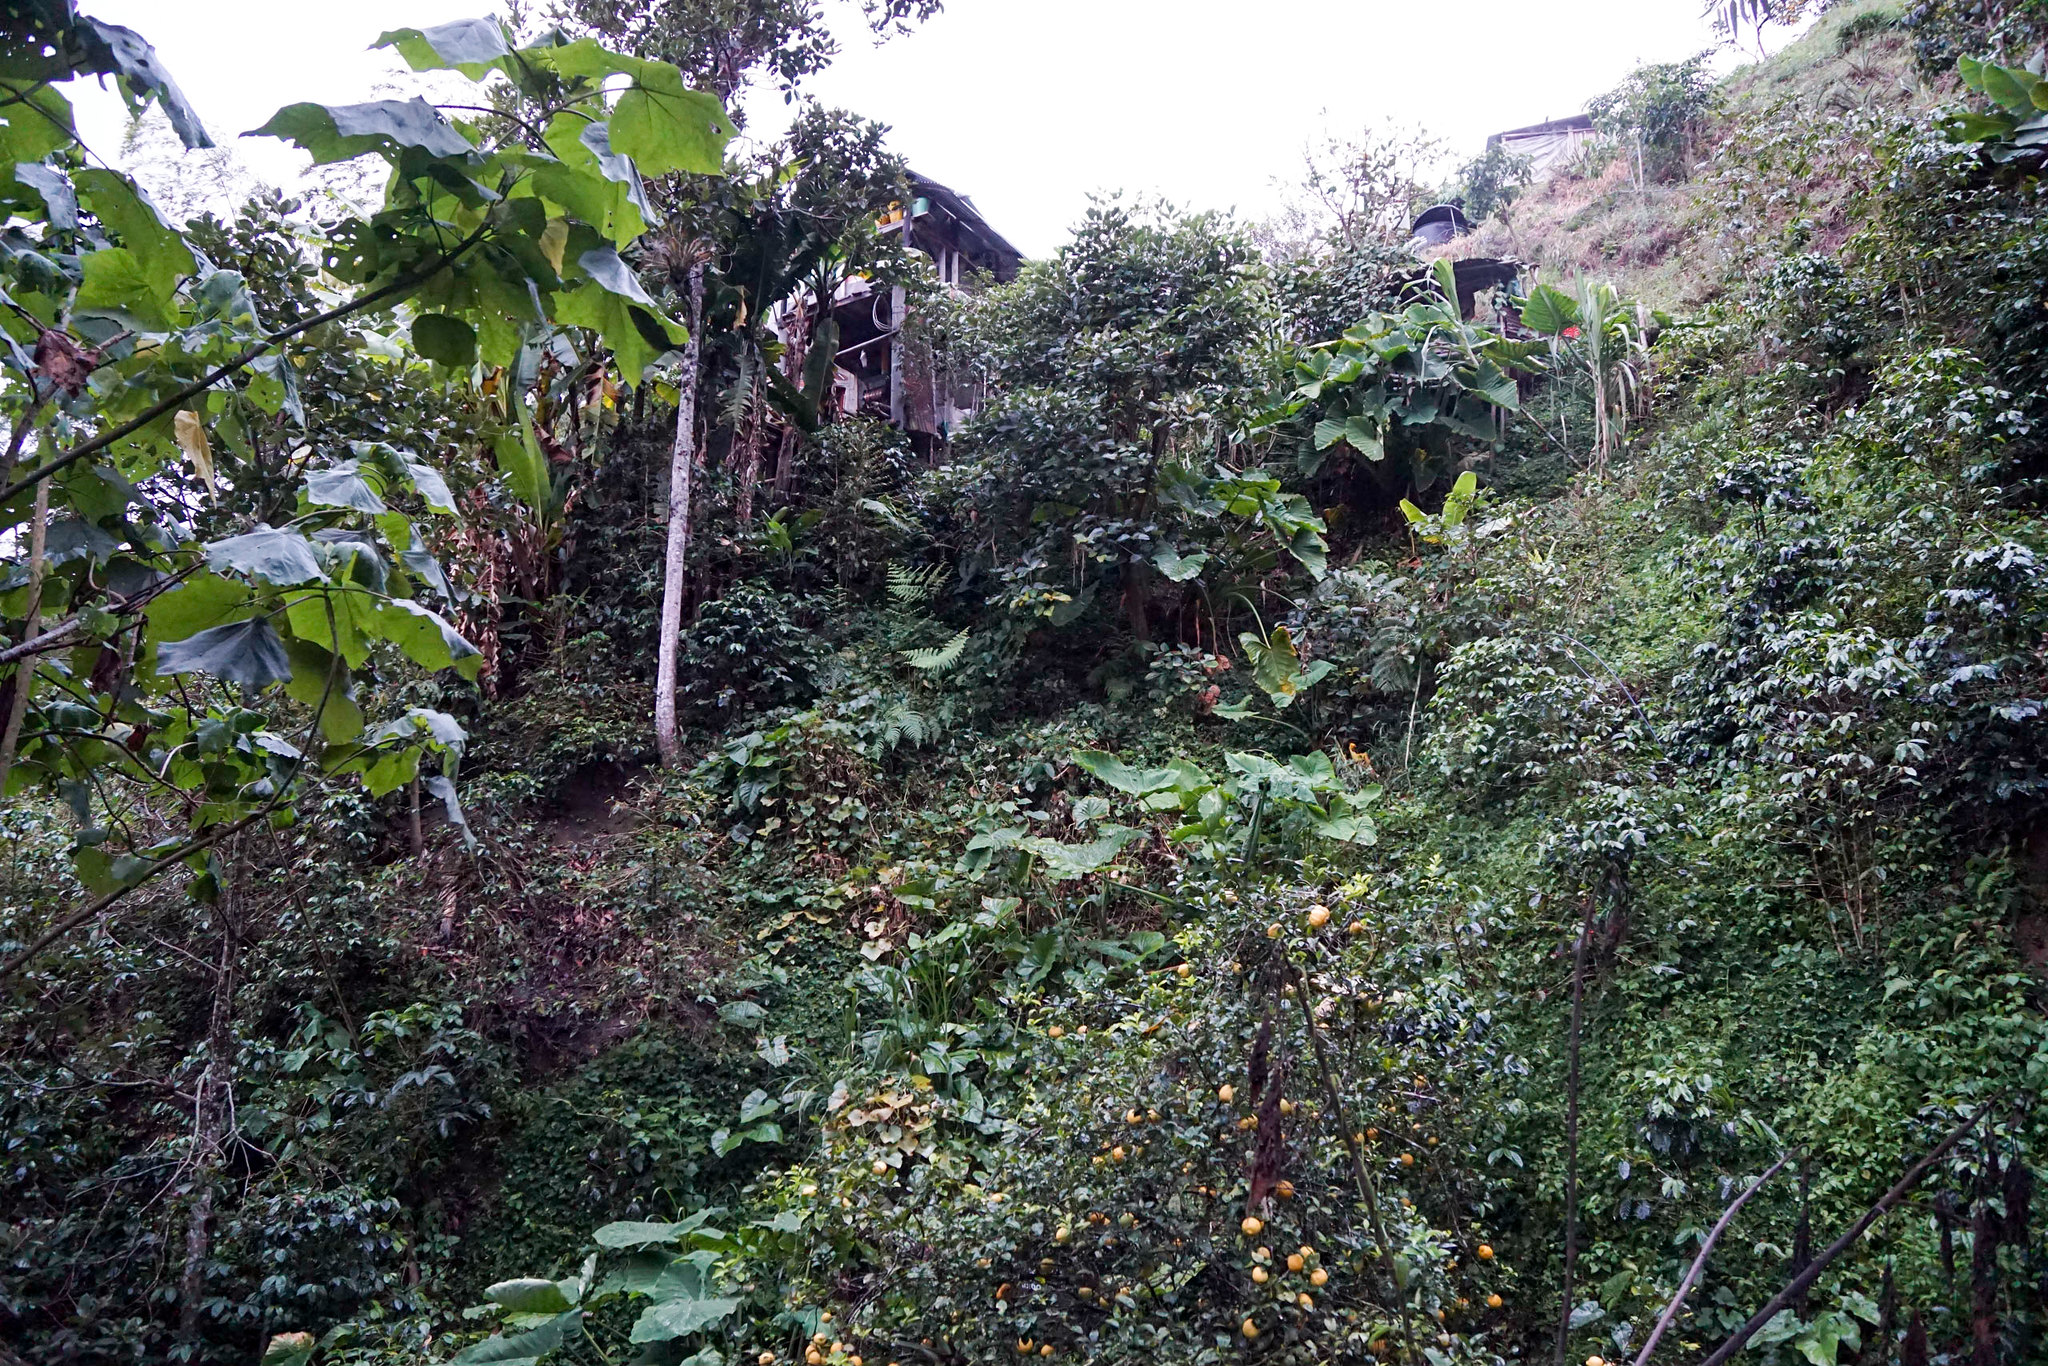 The farm of José Ignacio Pardo Torres, Finca La Cabaña, on the steep mountain slope.